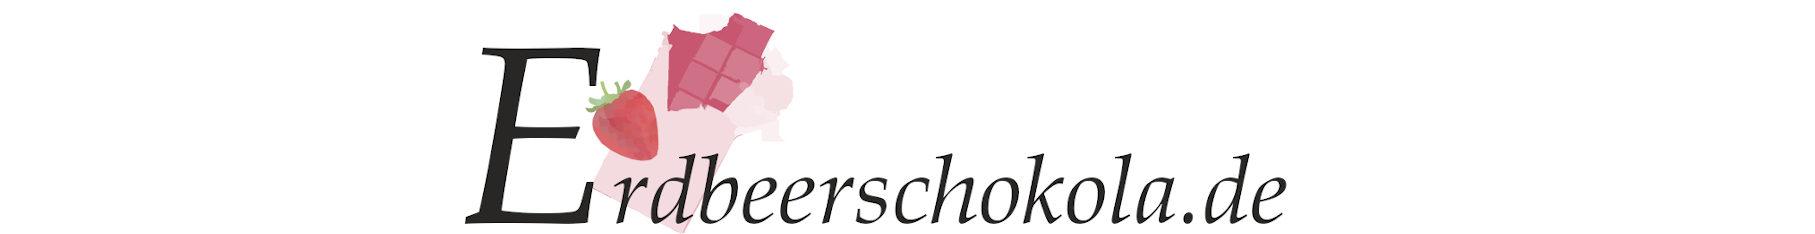 Erdbeerschokola.de